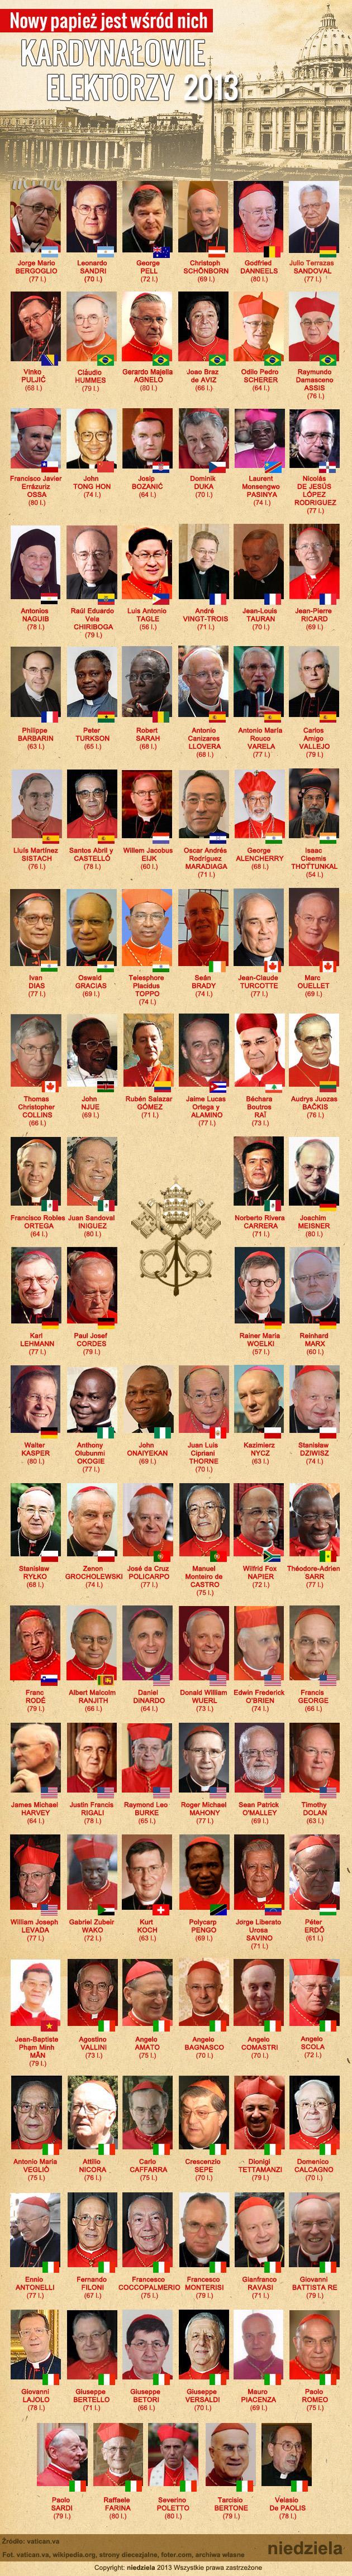 Nowy papież jest wśród nich. Kardynałowie elektorzy 2013.